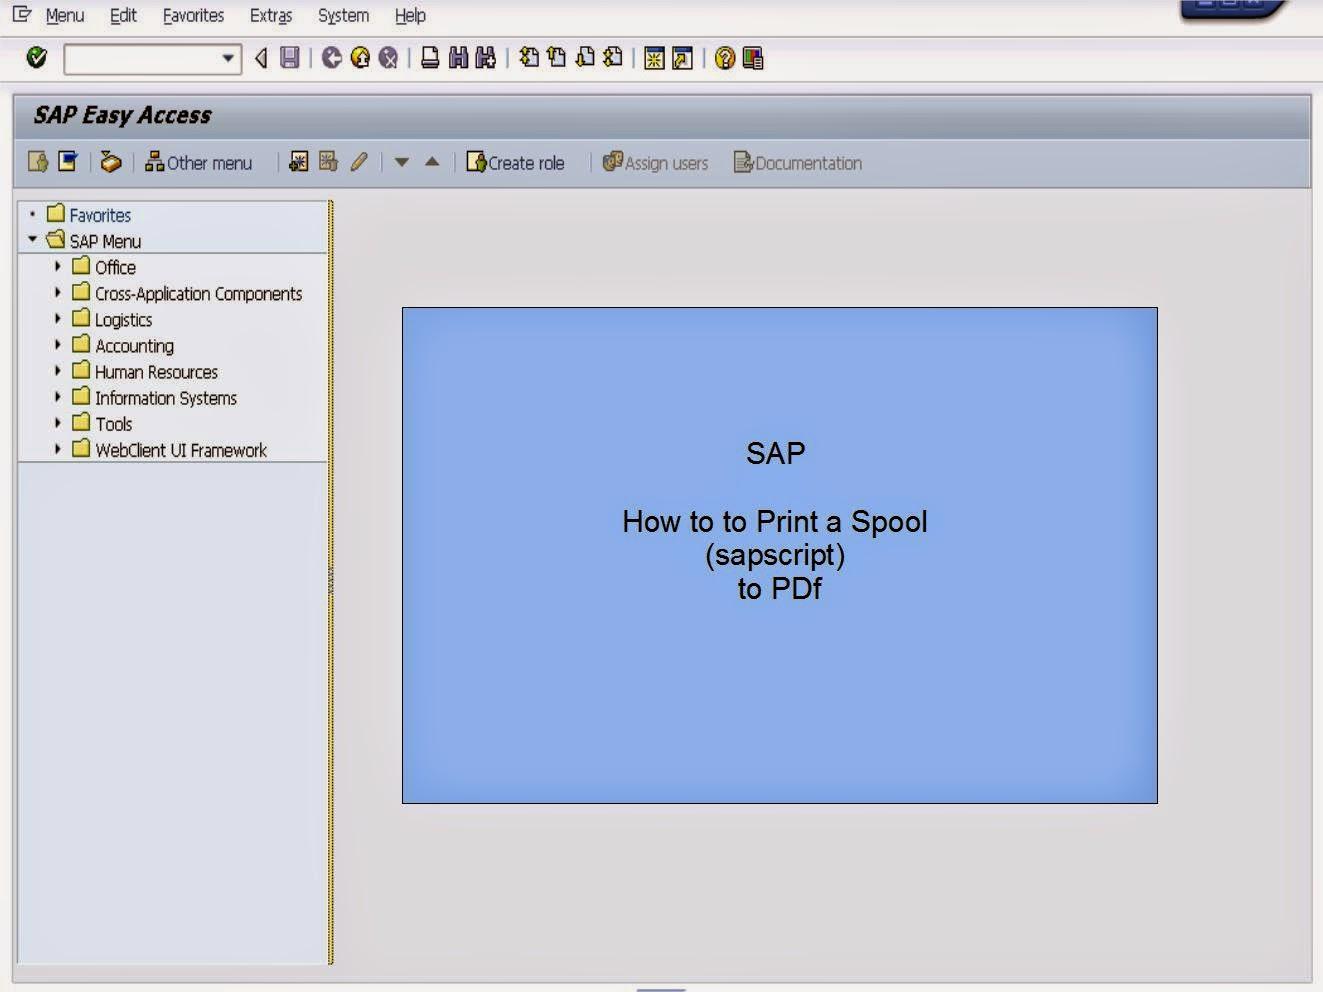 青蛙SAP分享 Learning & Examination: Print a Spool to PDF